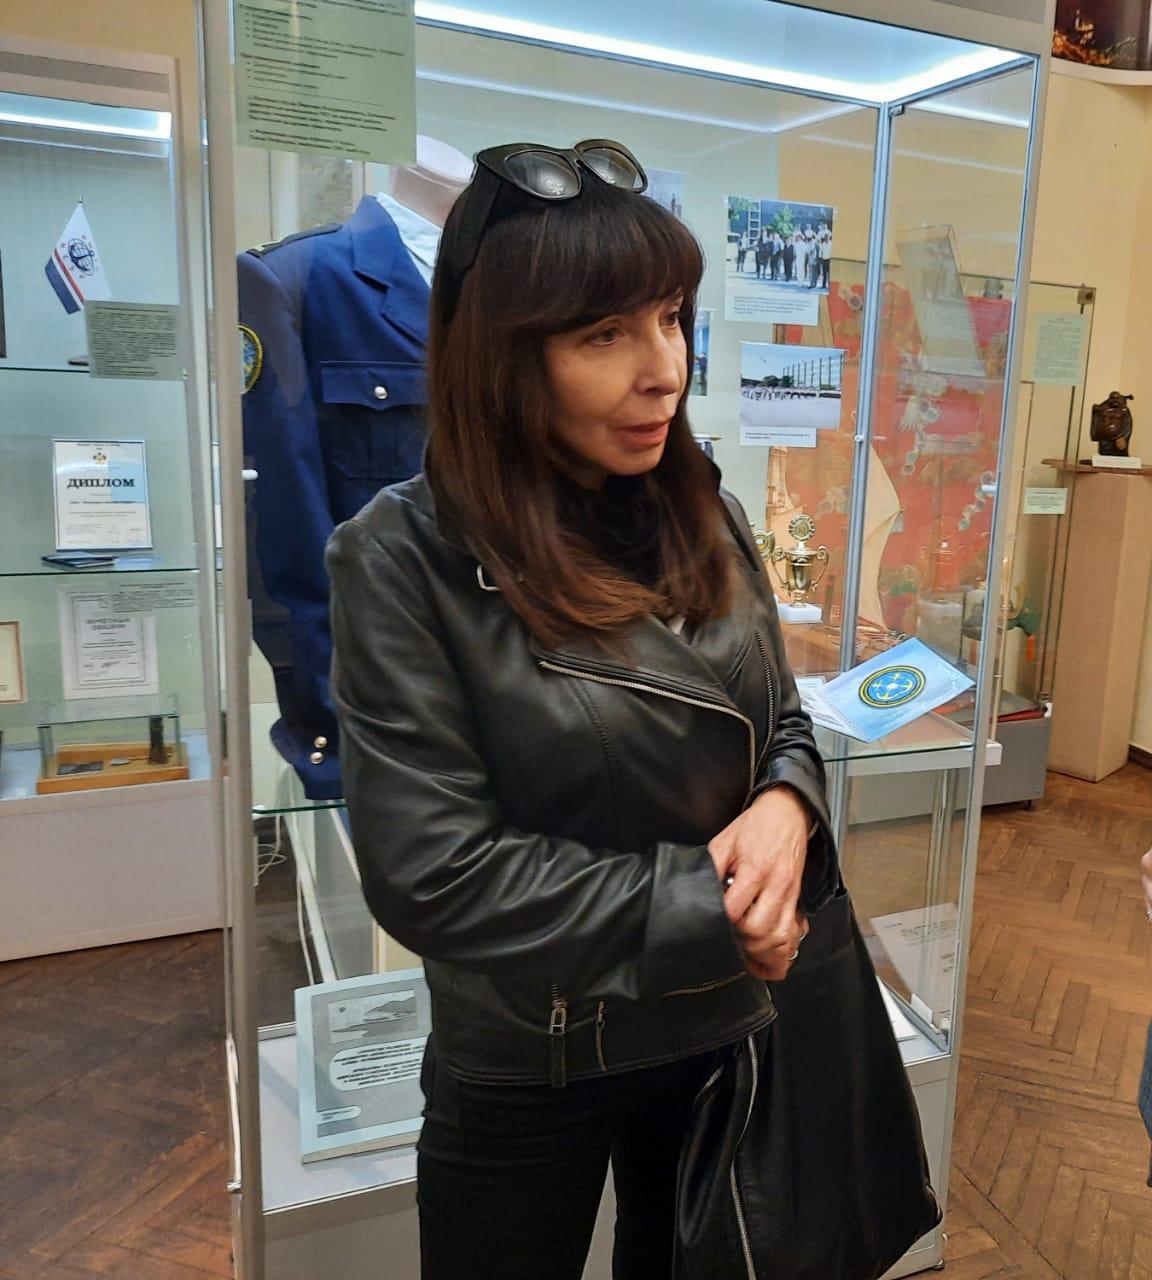 Внучка Цезаря Куникова после посещения в Новороссийске мемориала на Малой земле сказала, что здесь есть чистая эмоция создателей